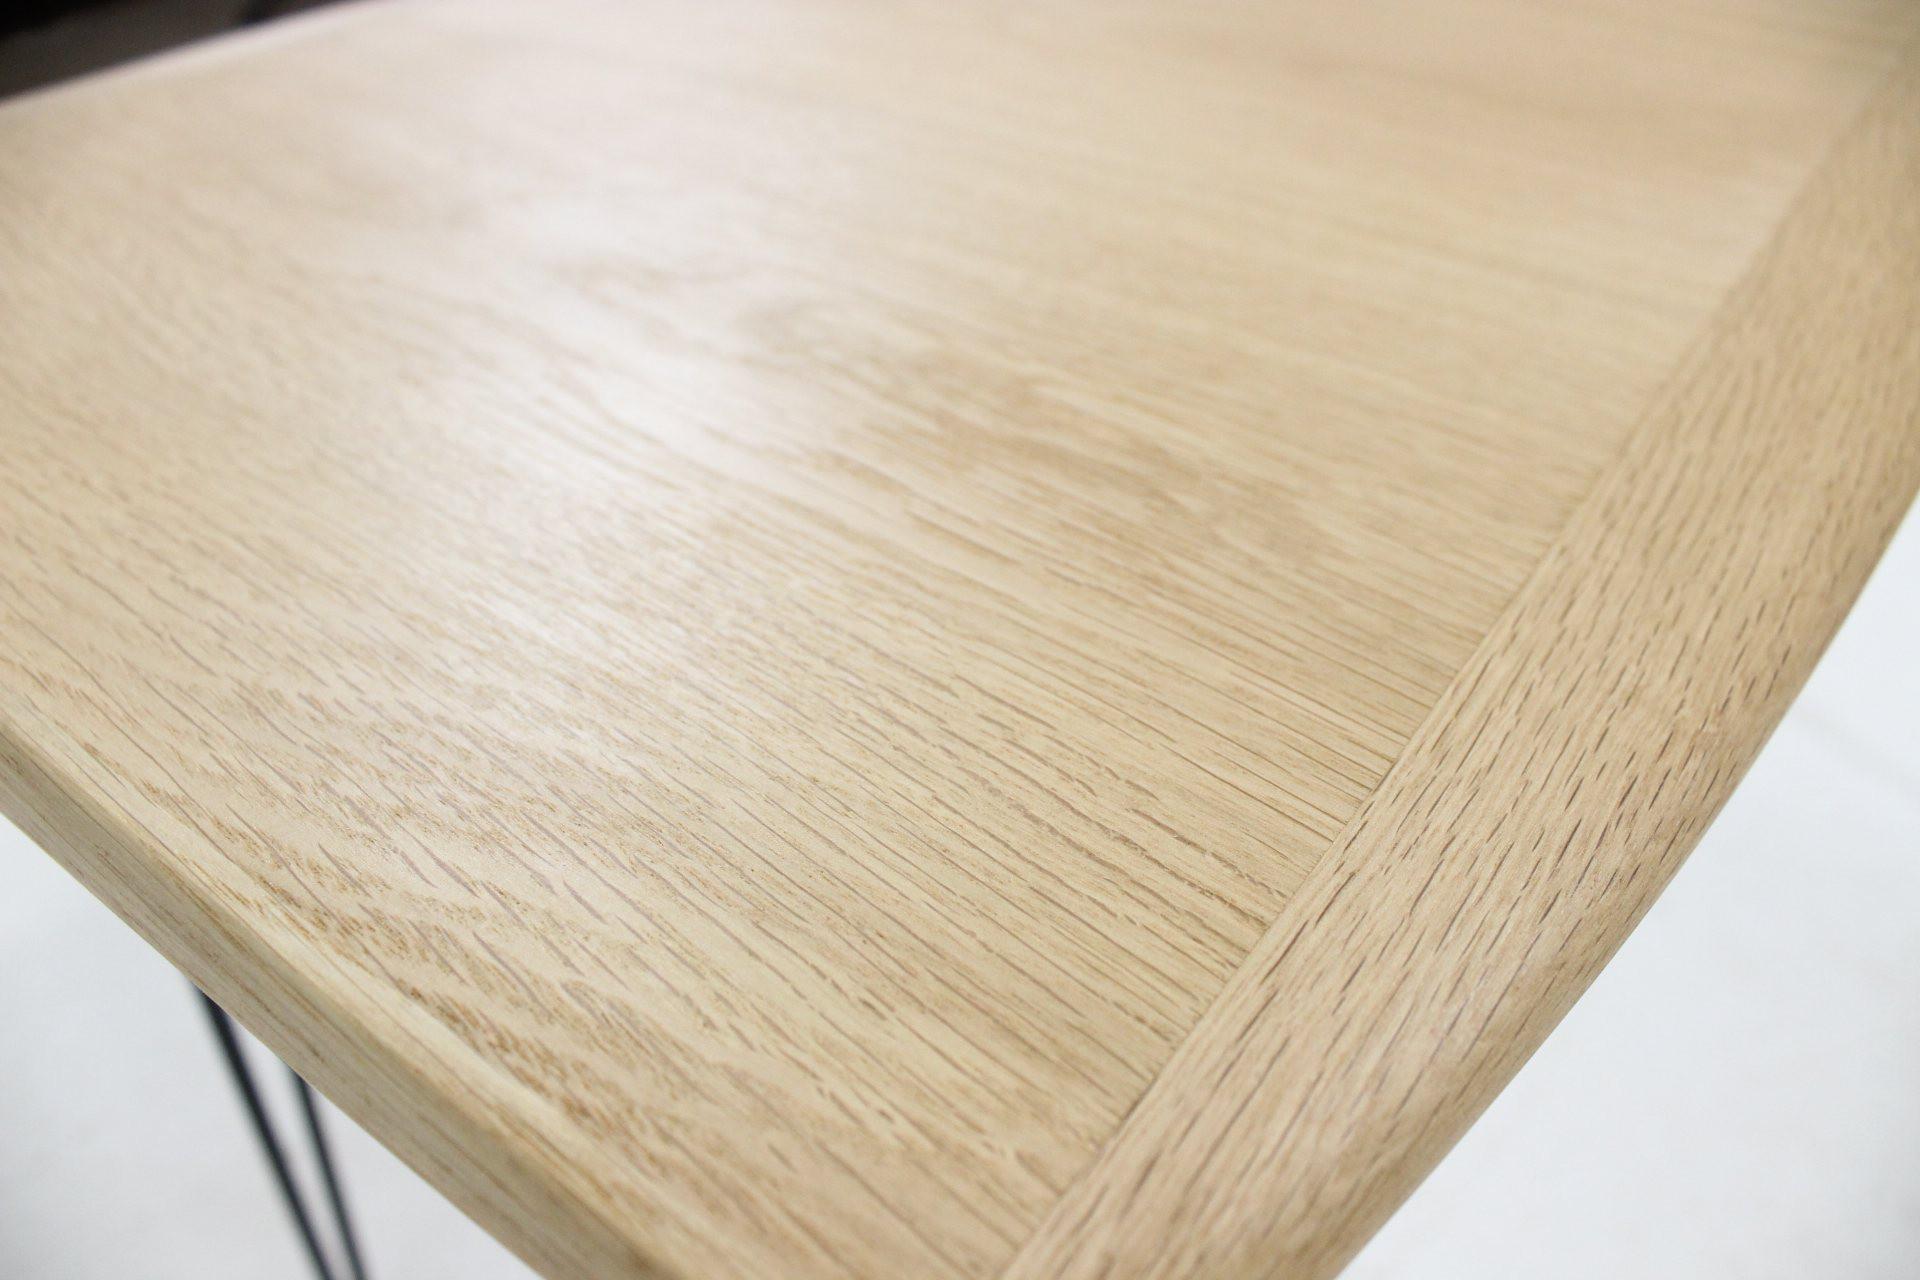 Organic shaped coffee table in oak 1960s Design Market